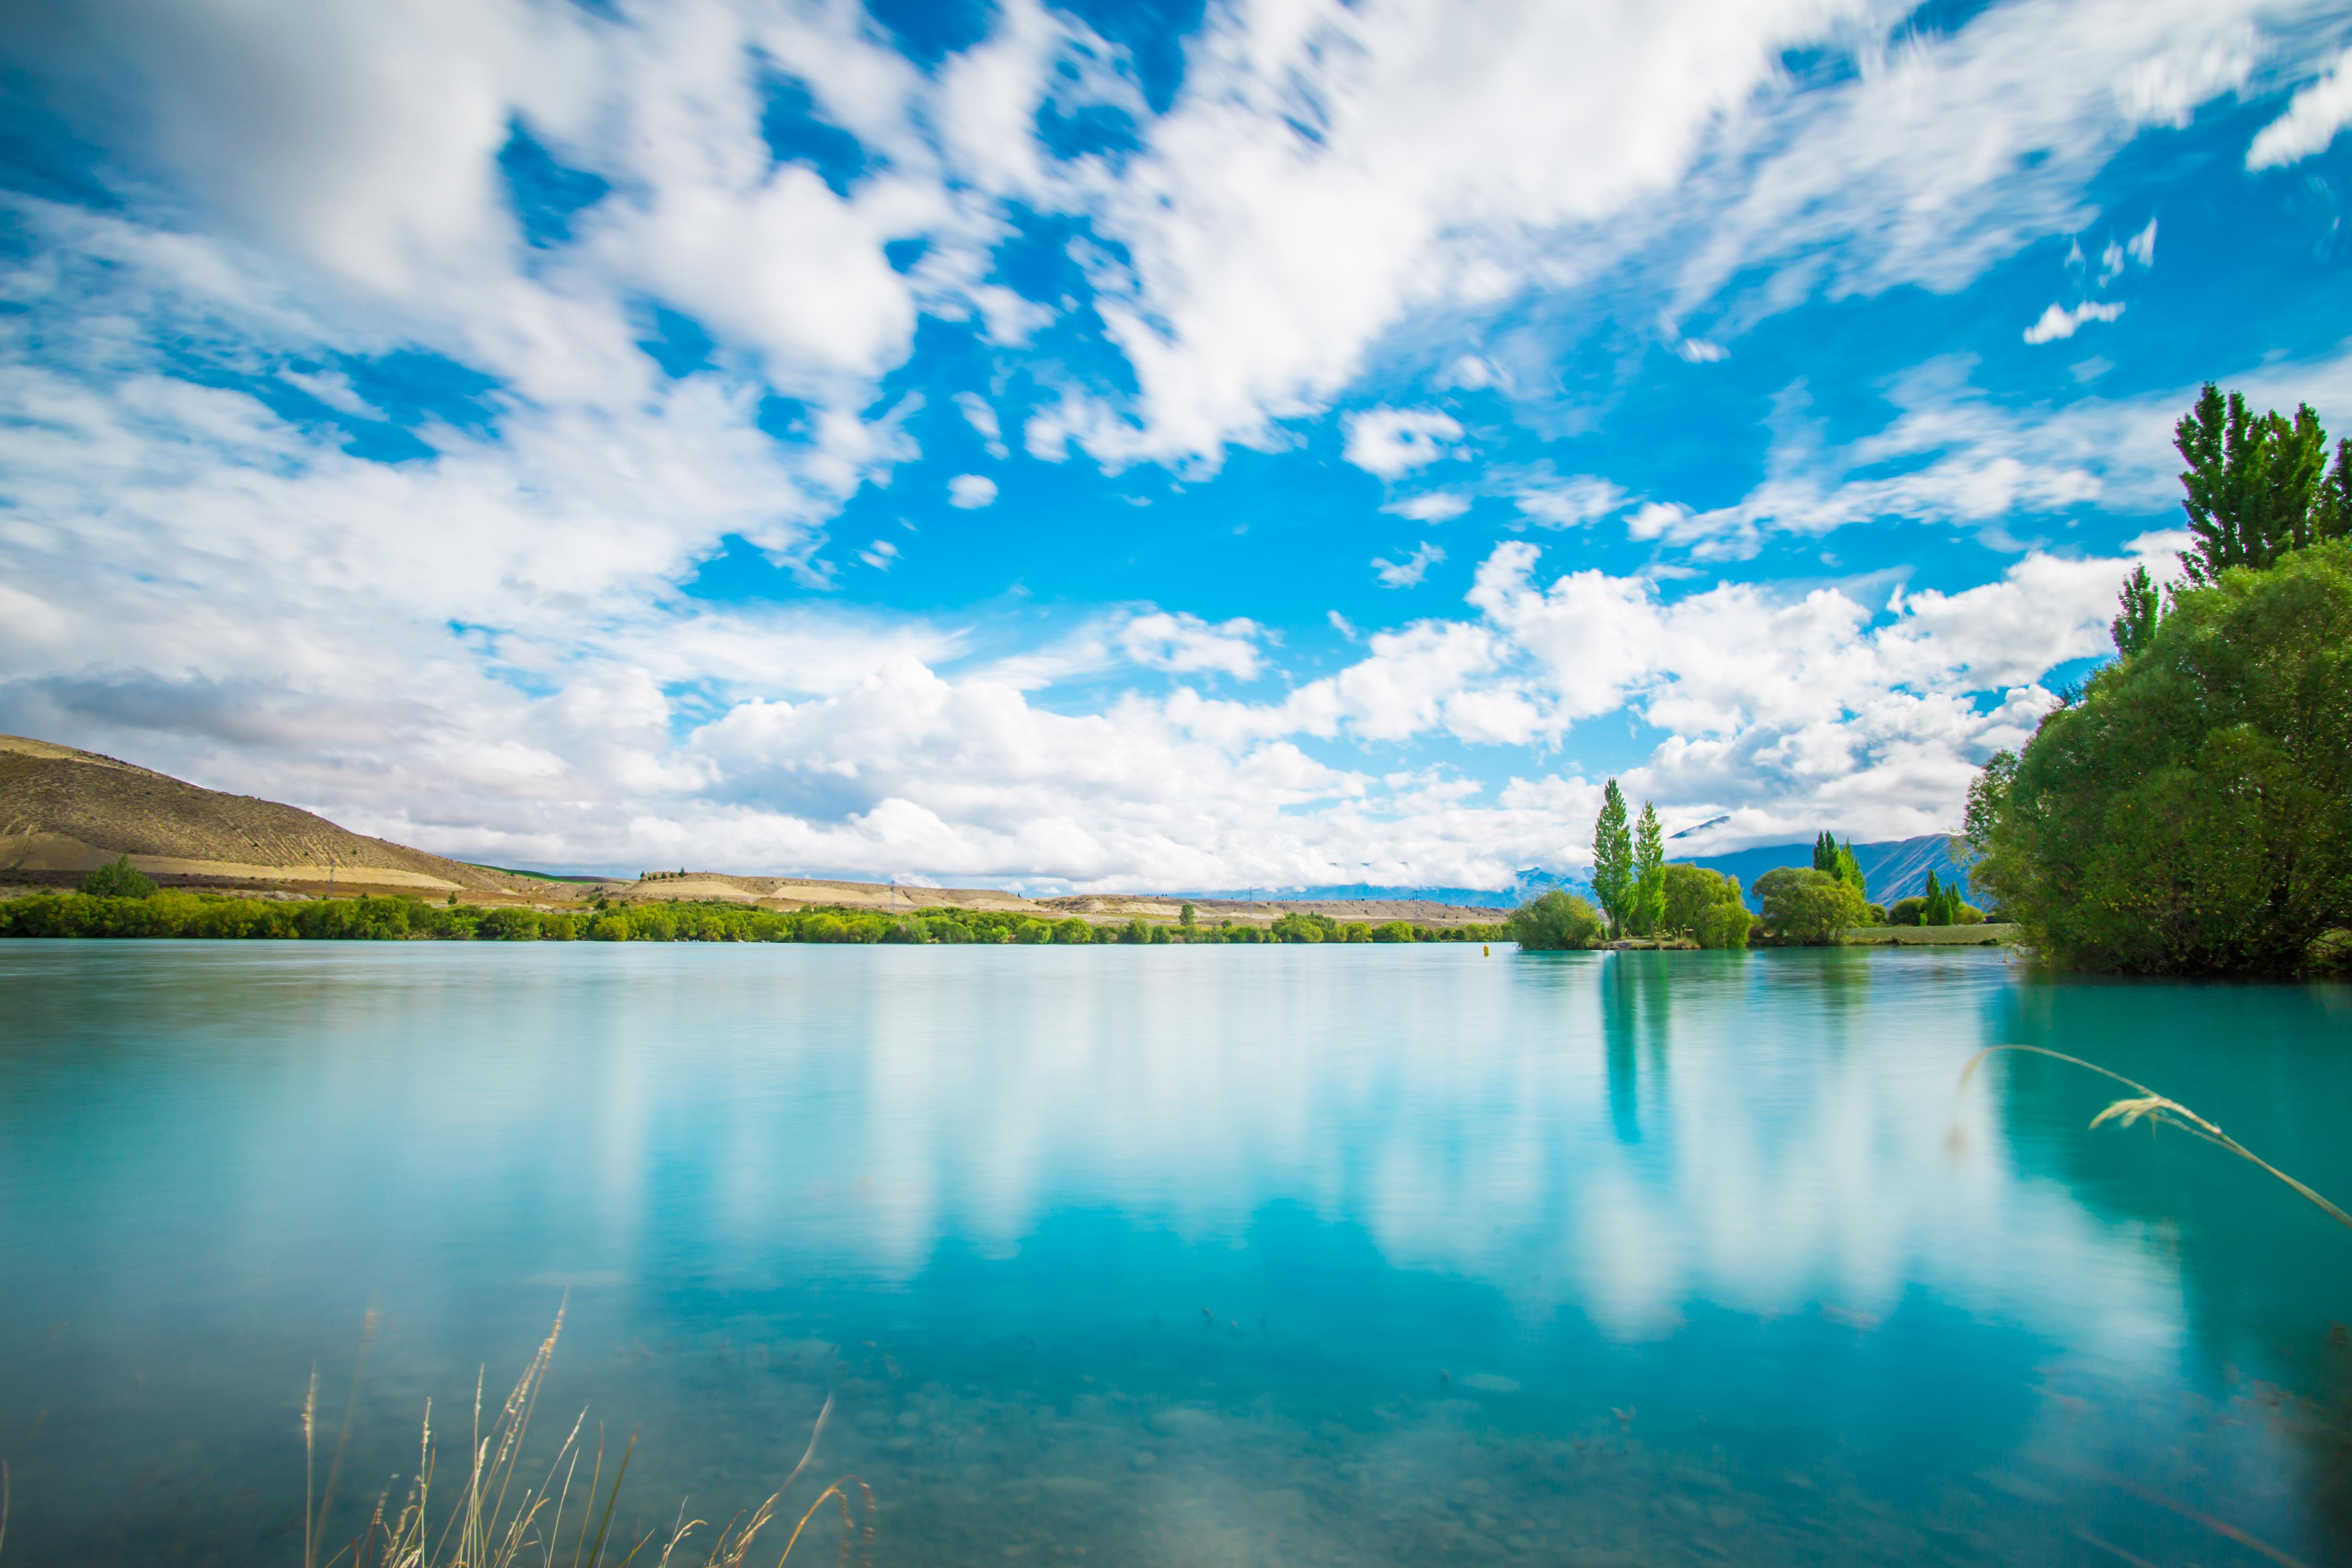 Działka nad jeziorem to idealne miejsce do aktywnego wypoczynku